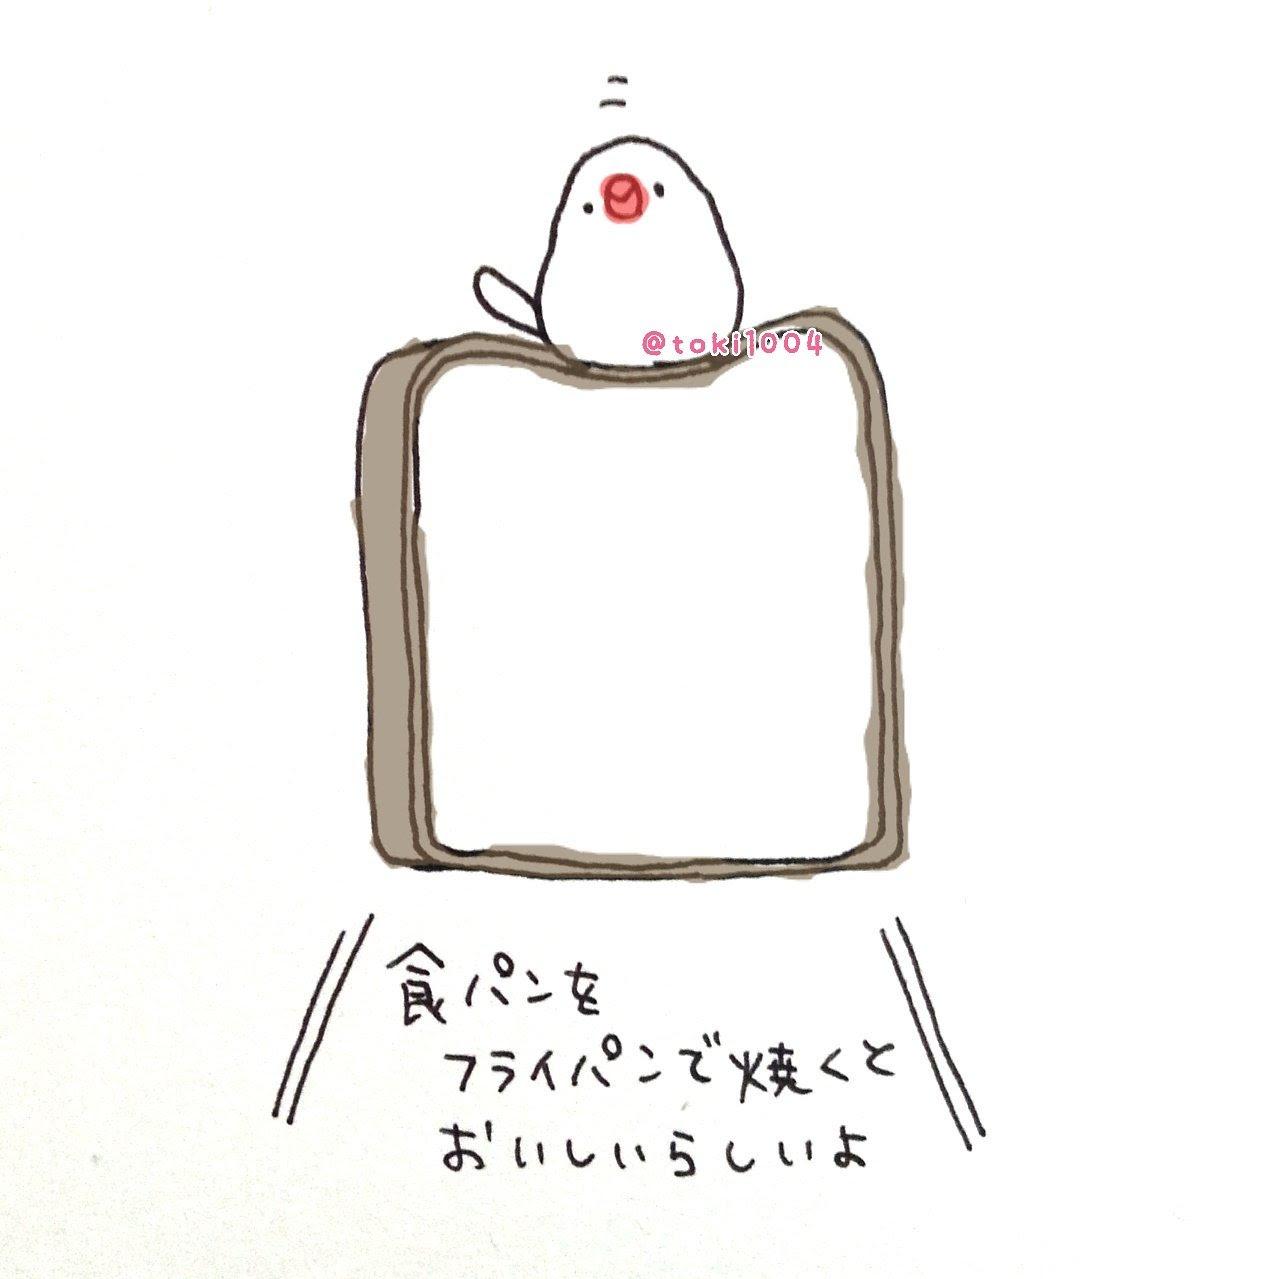 文鳥in 豆知識です 絵 イラスト イラストレーター お絵描き